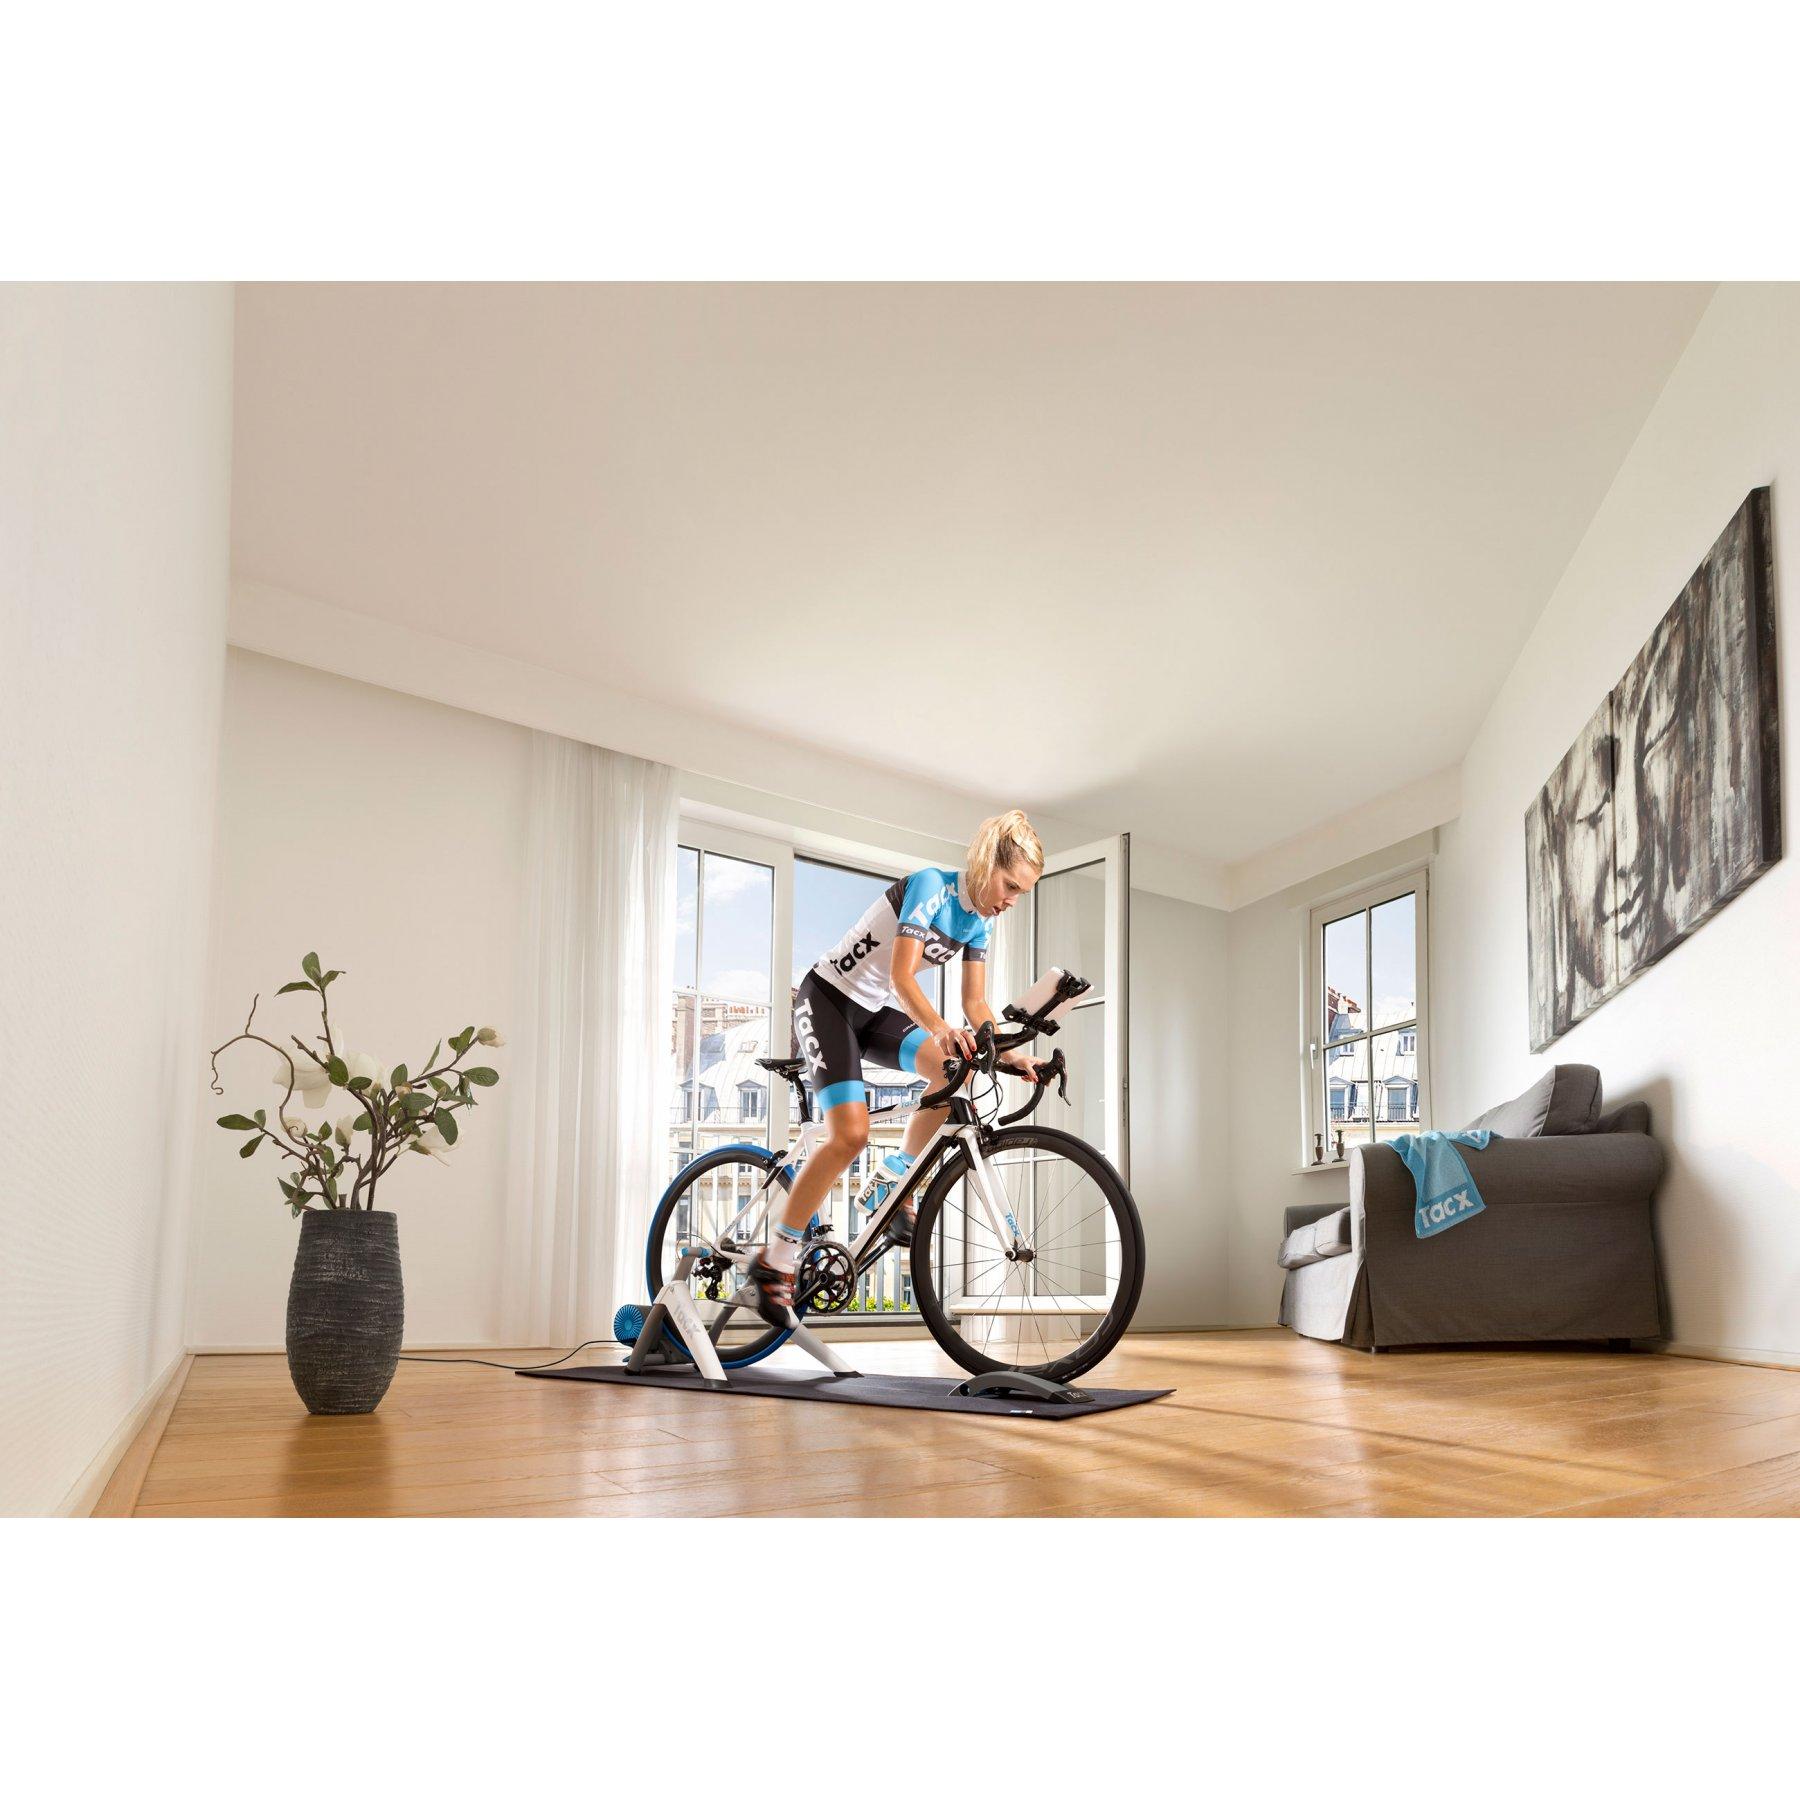 home trainer tacx vortex smart t2180. Black Bedroom Furniture Sets. Home Design Ideas